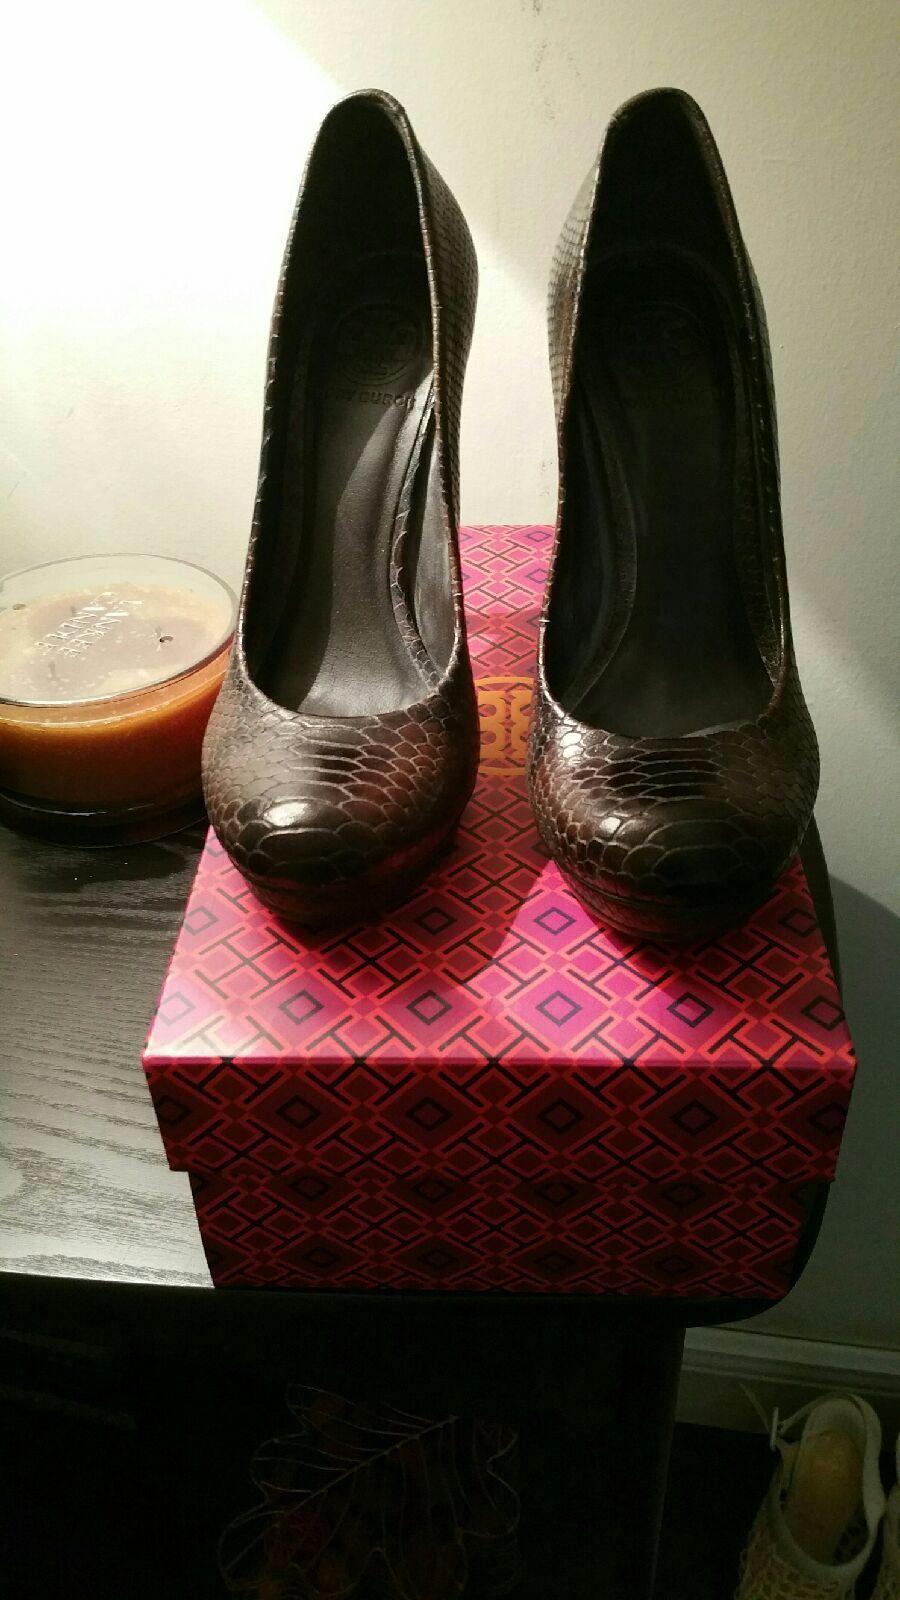 Tory Burch Zapatos De De De Tacón Mujer Zapatos Bombas de piel de serpiente  compras online de deportes